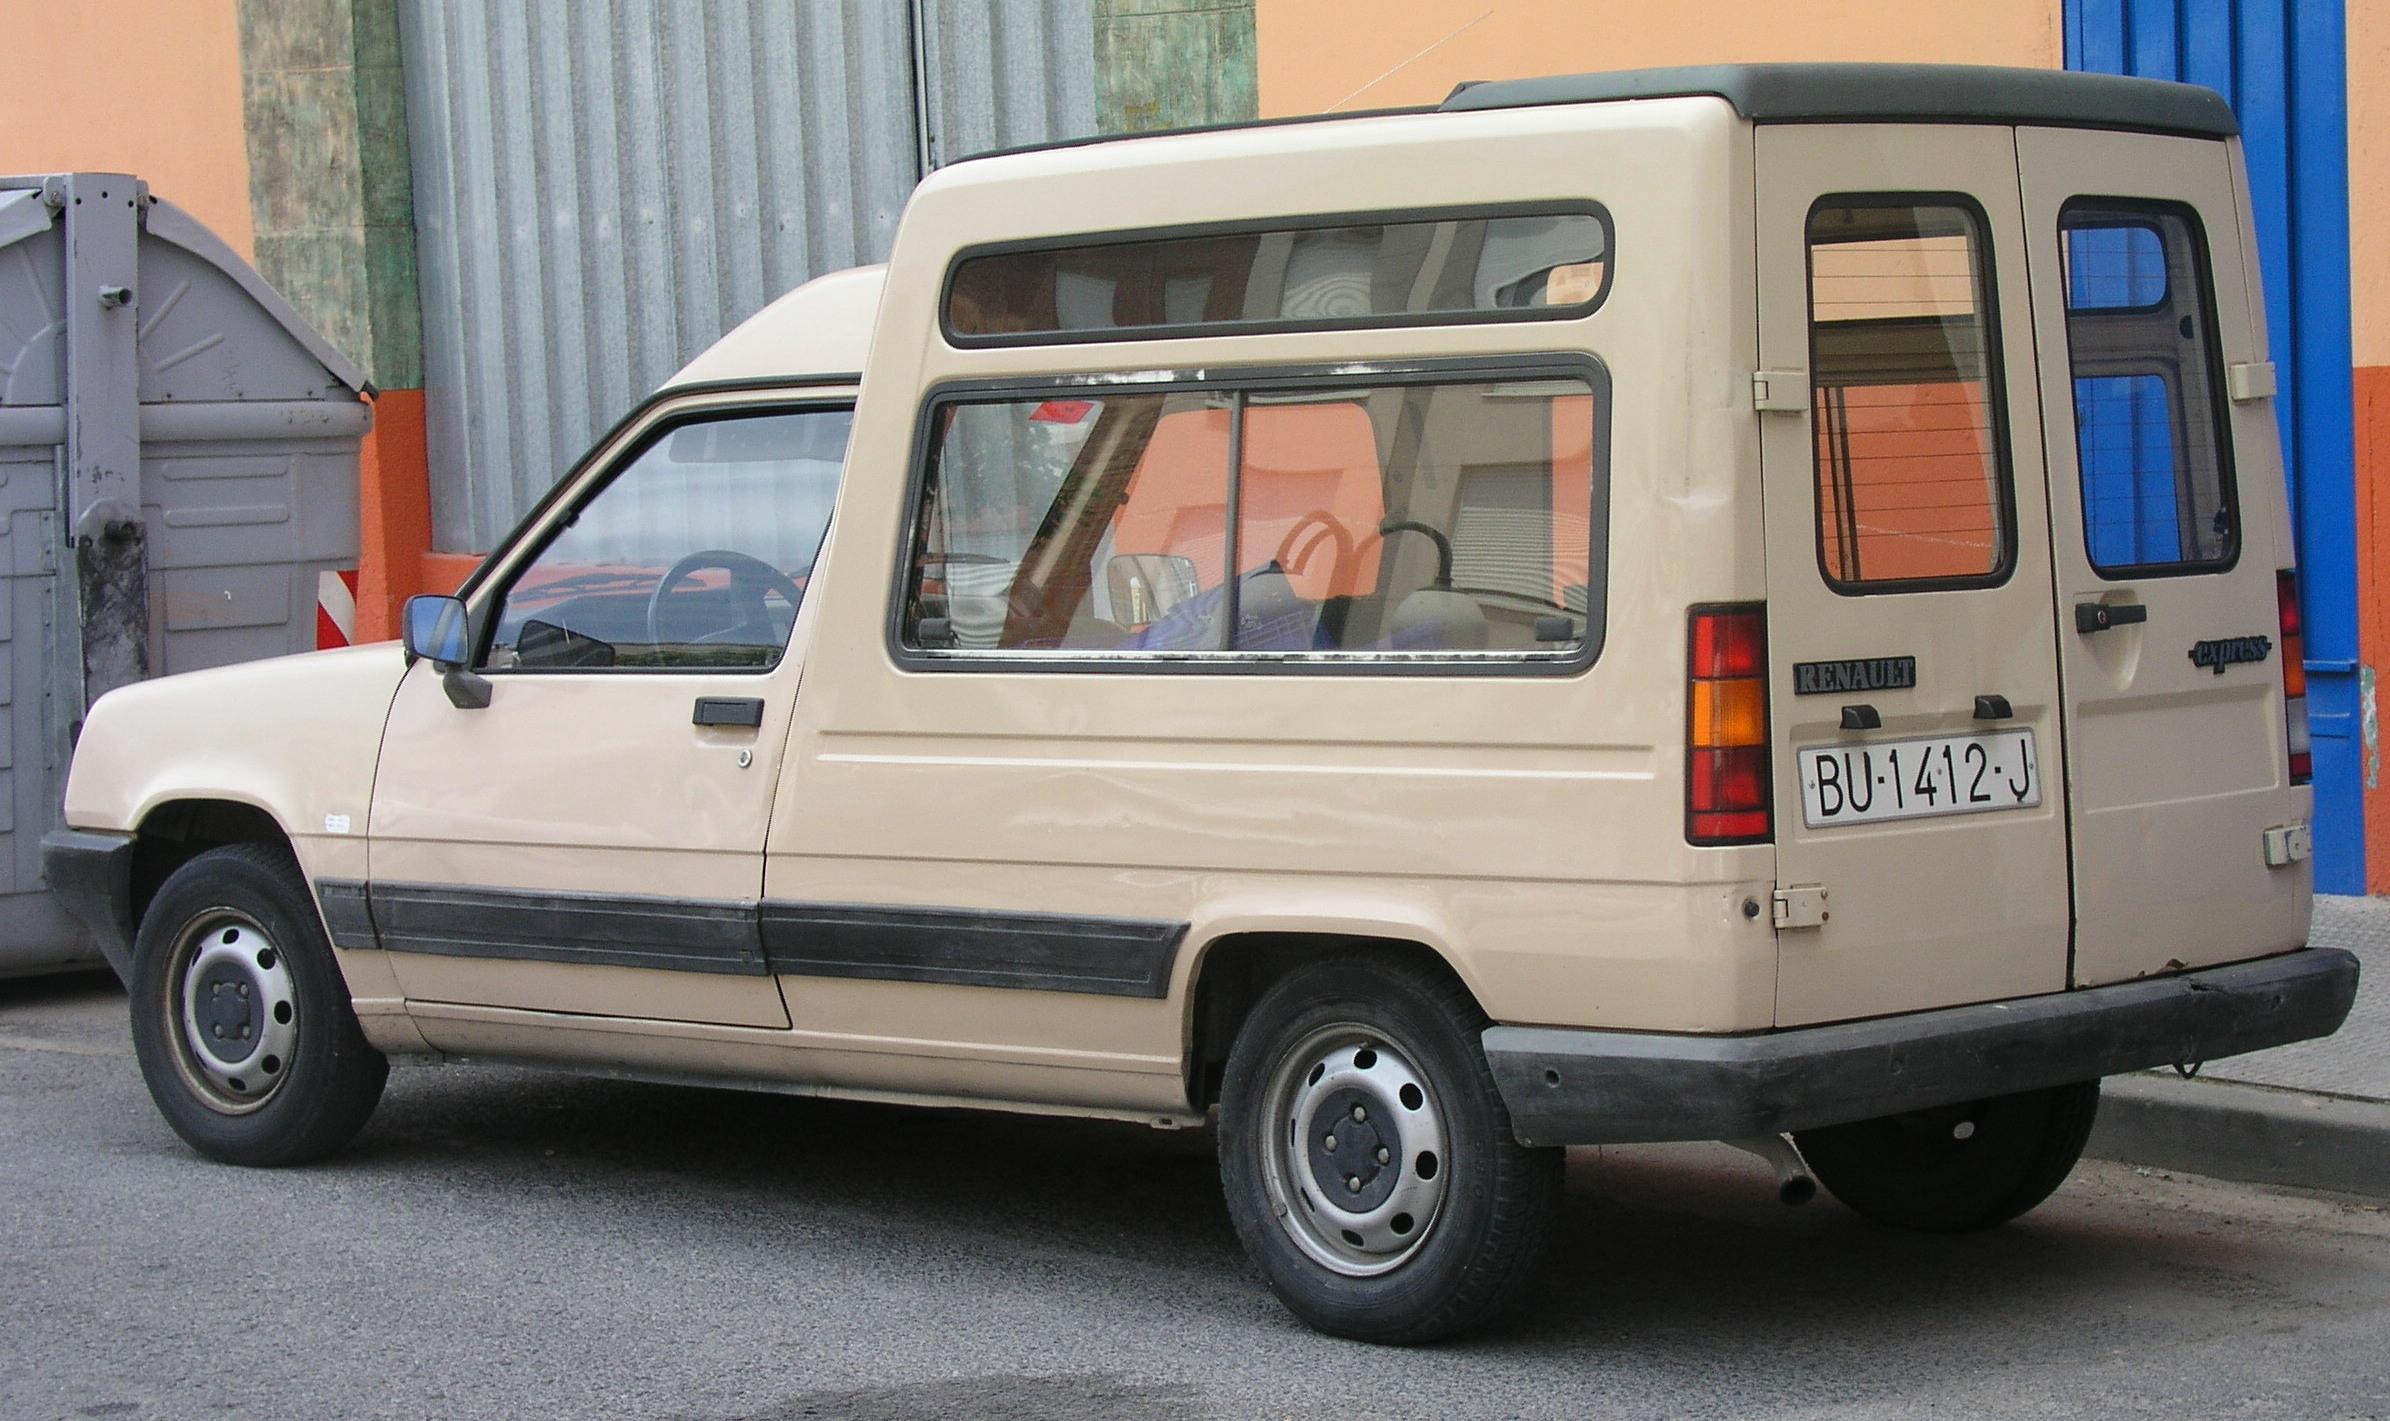 Renault Express - Photos, News, Reviews, Specs, Car listings